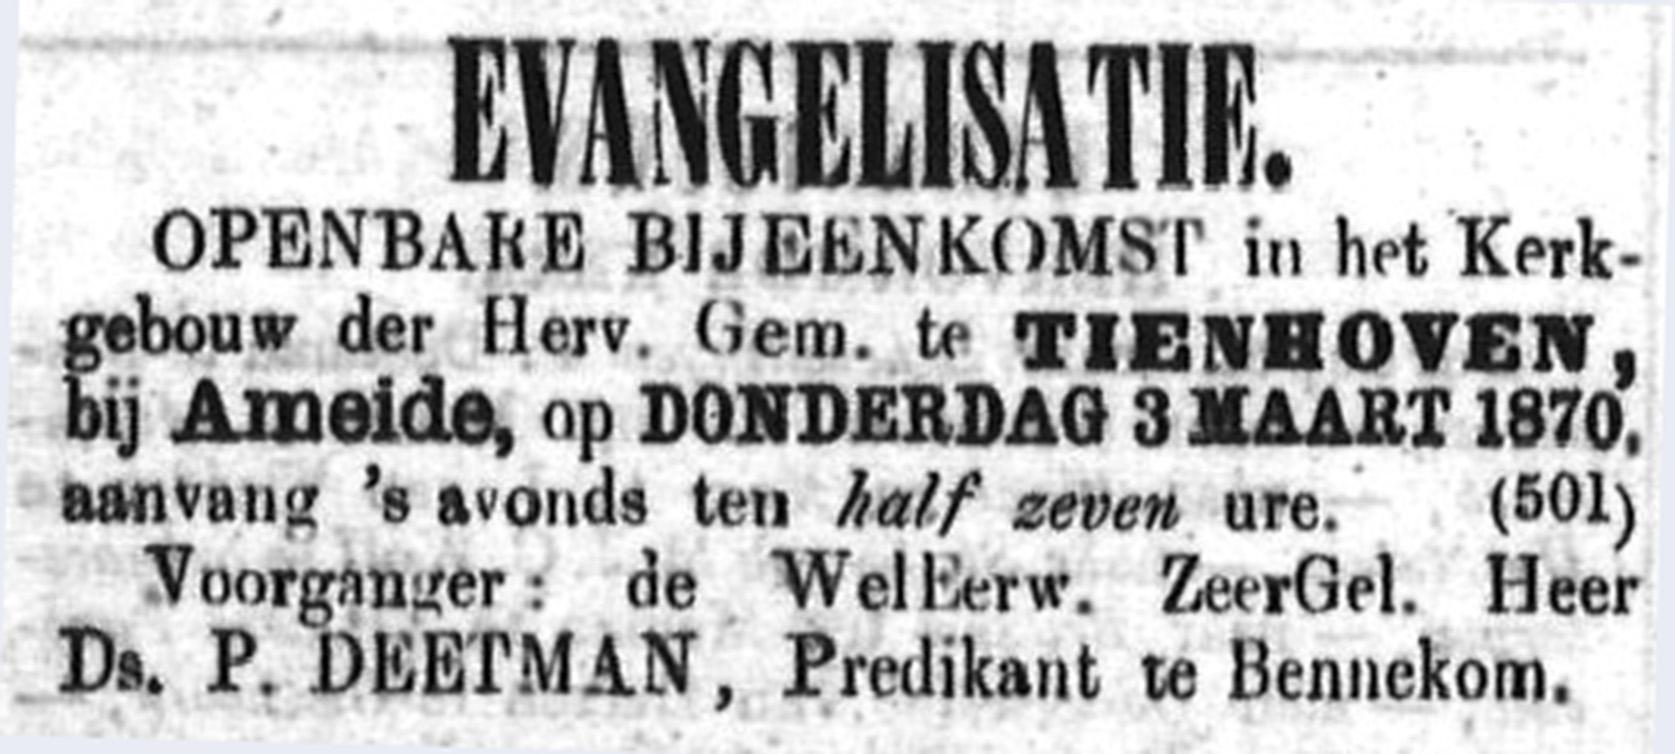 Schoonhovensche Courant 00035 1870-02-27 artikel 1